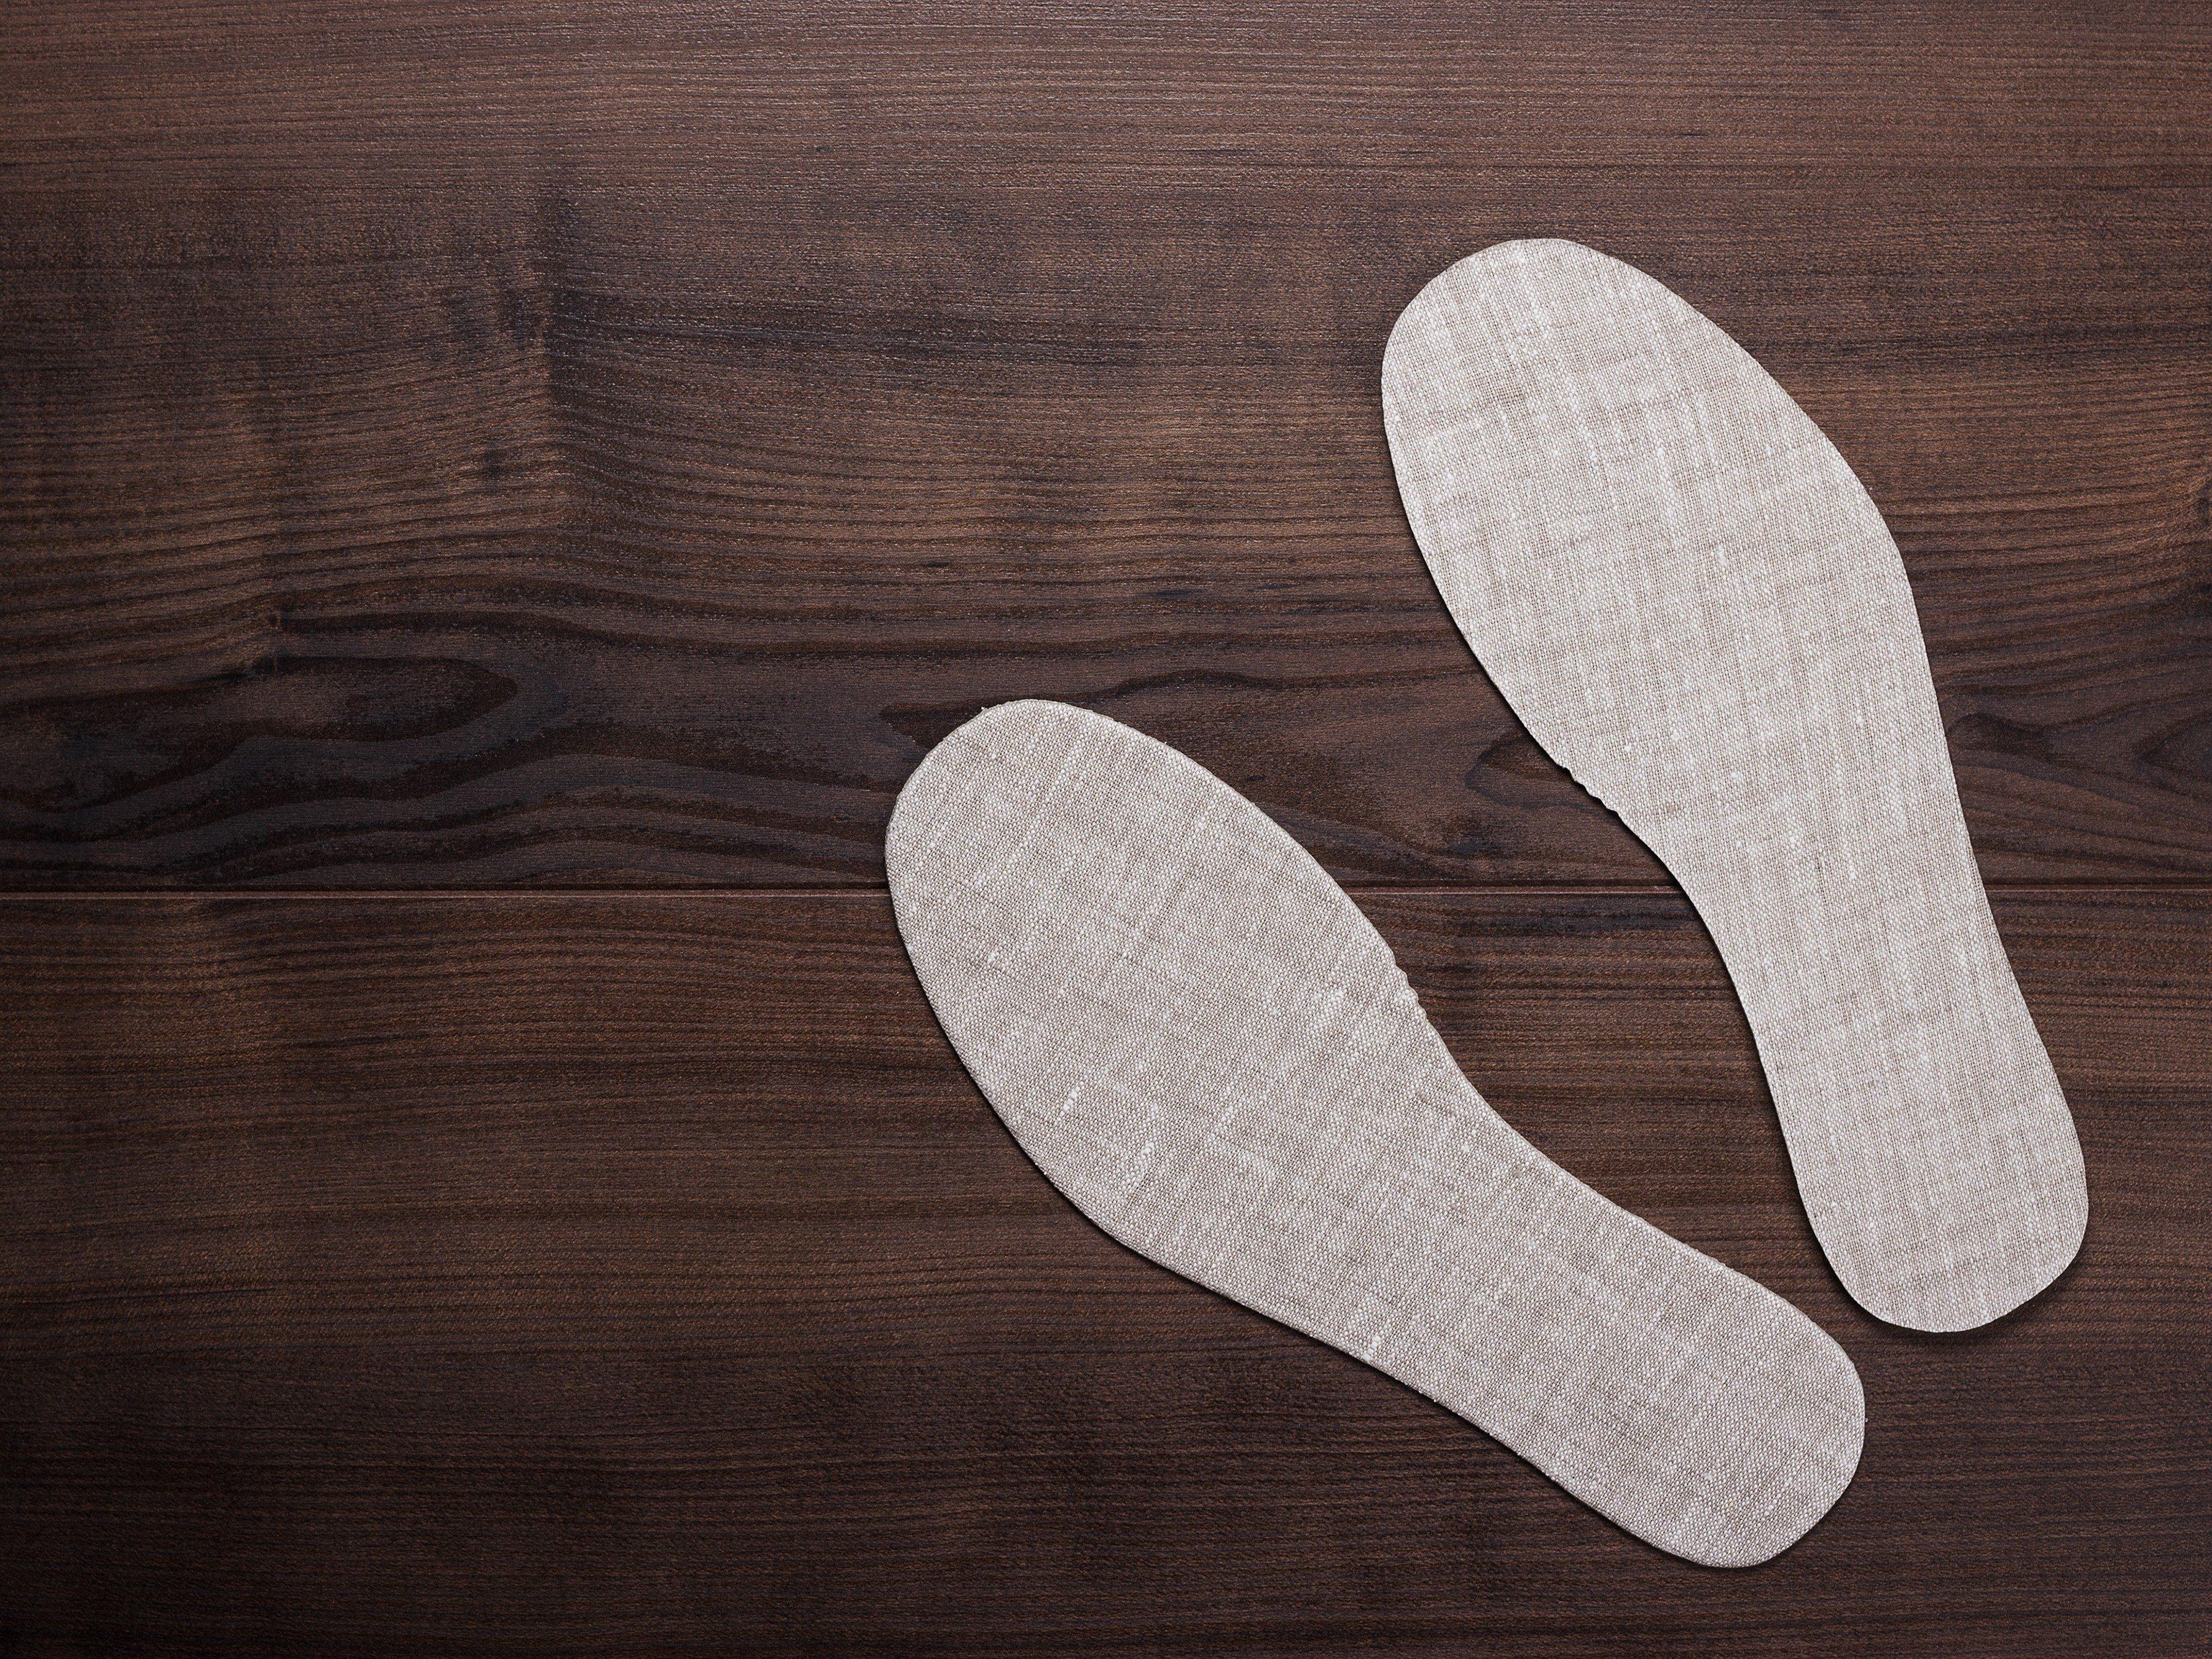 3. Wear Shoe Inserts